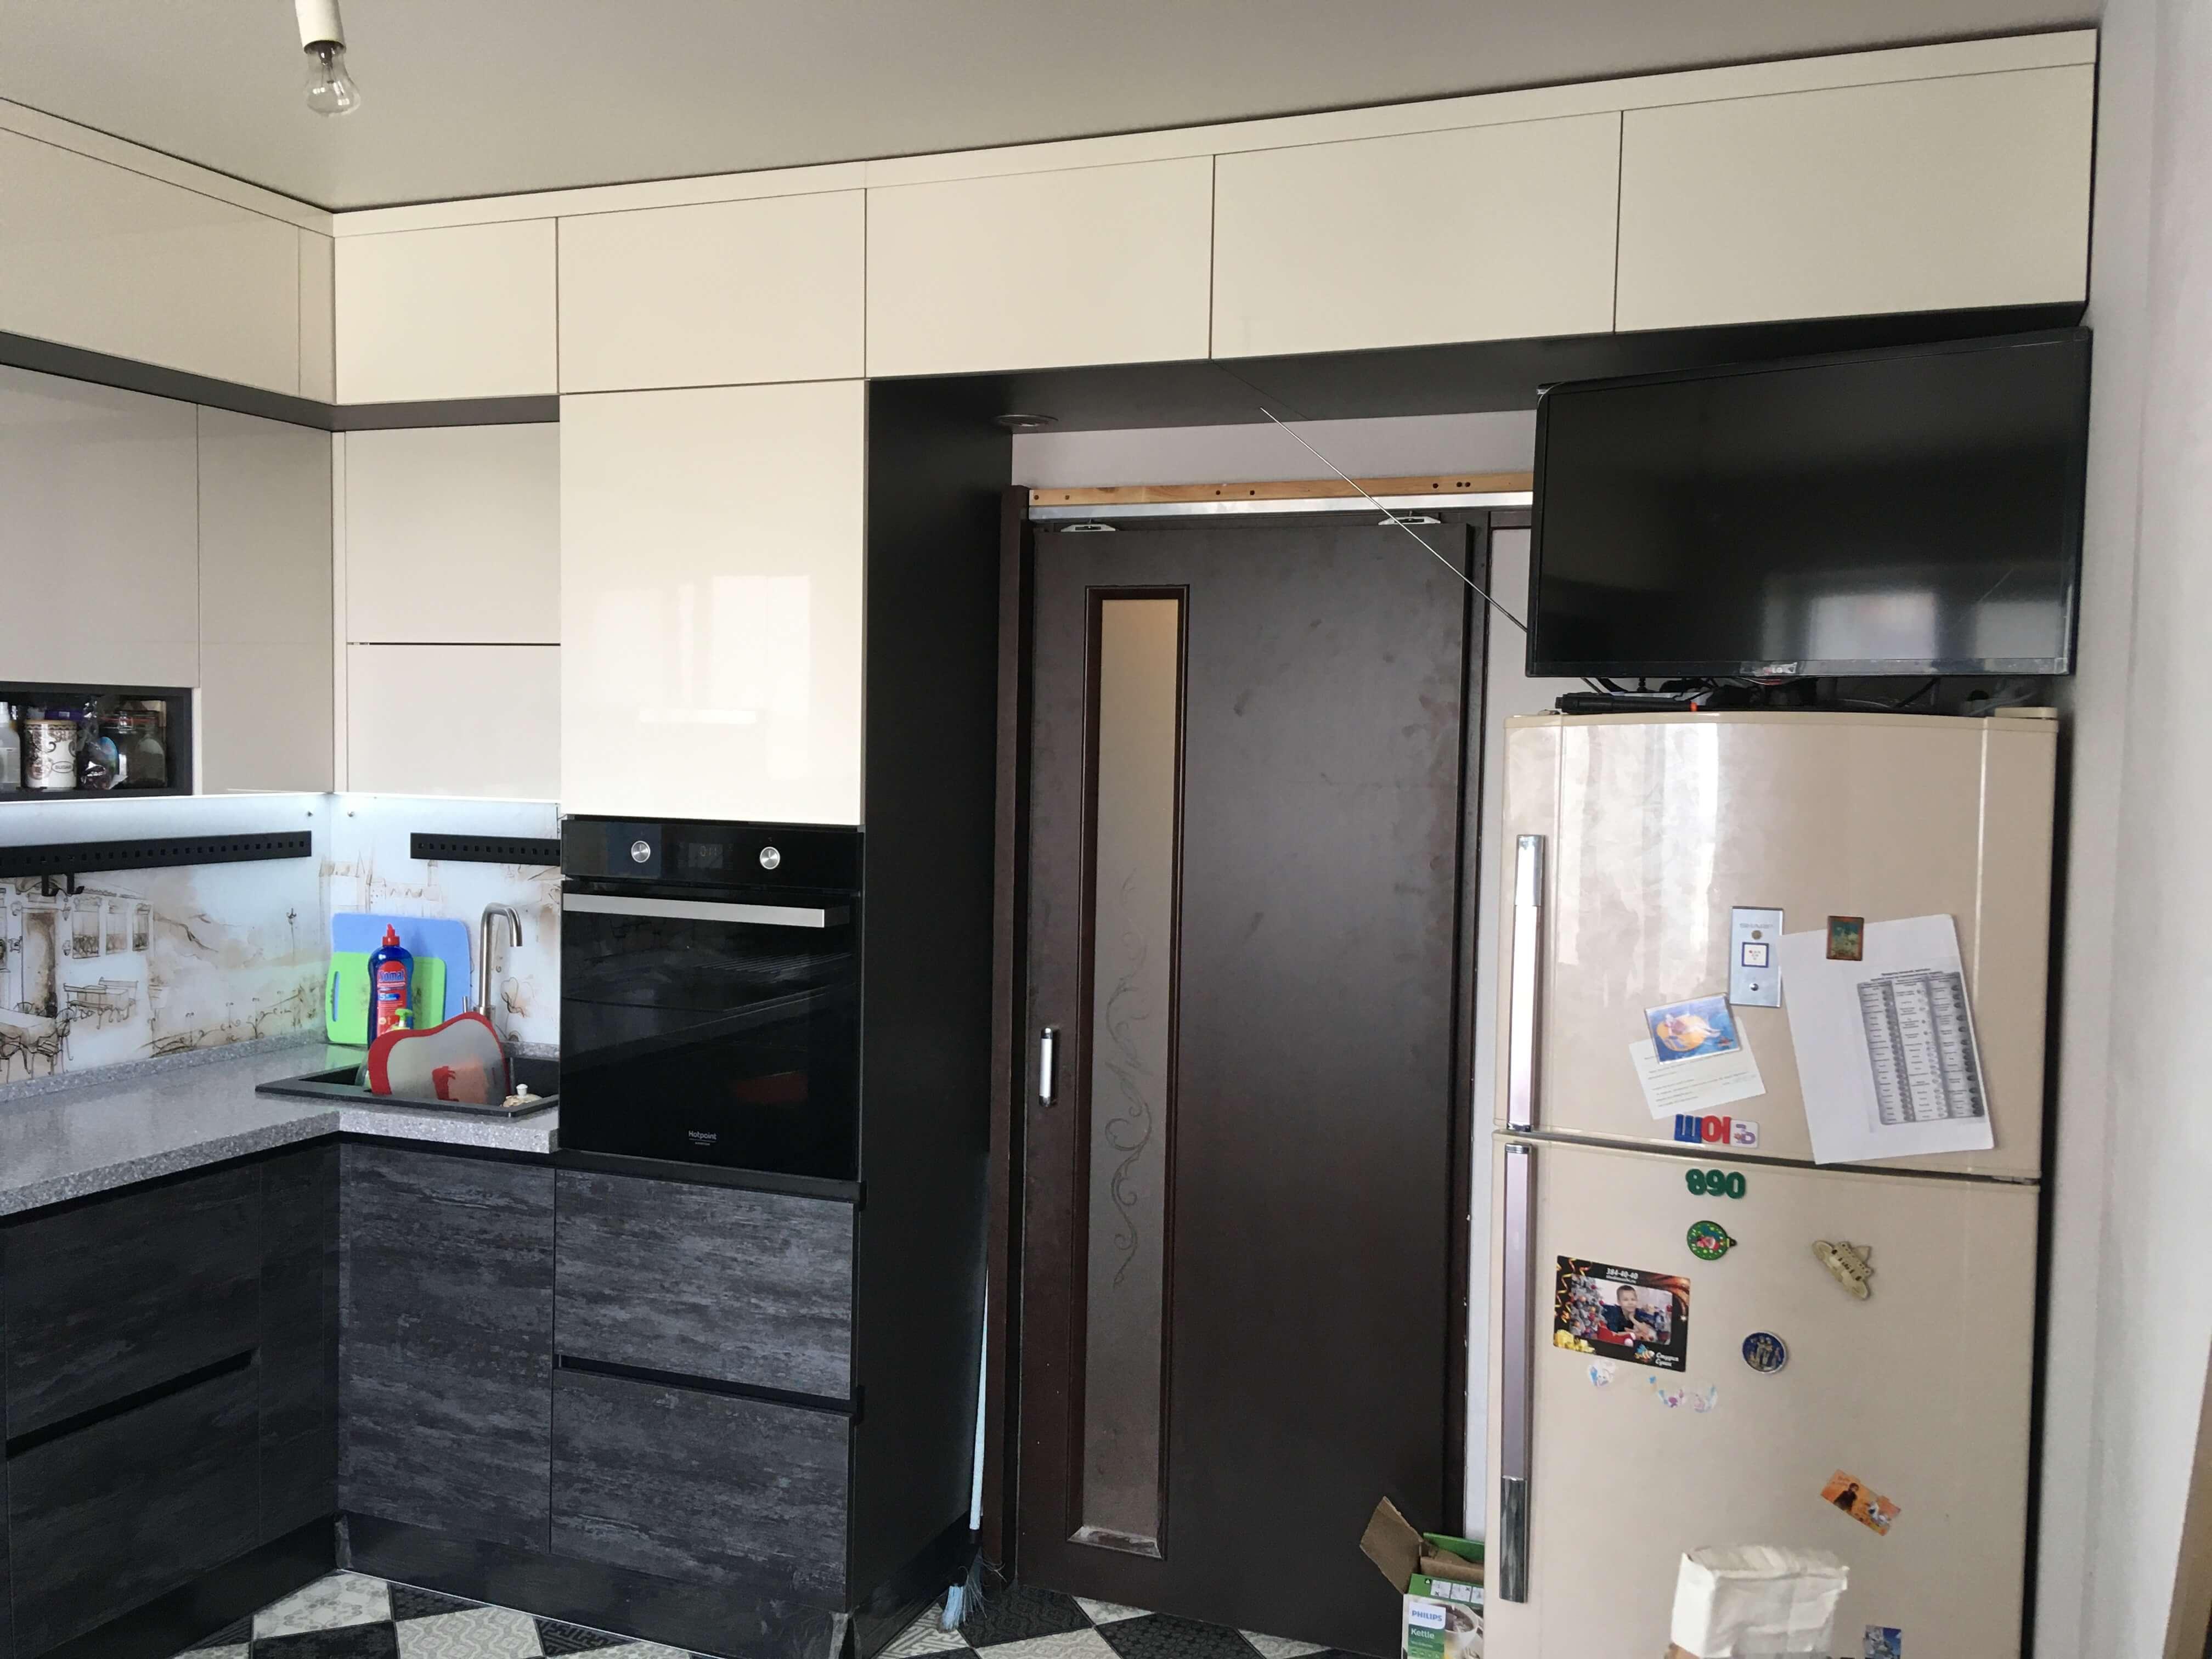 Второе фото Современная кремовая кухня под потолок